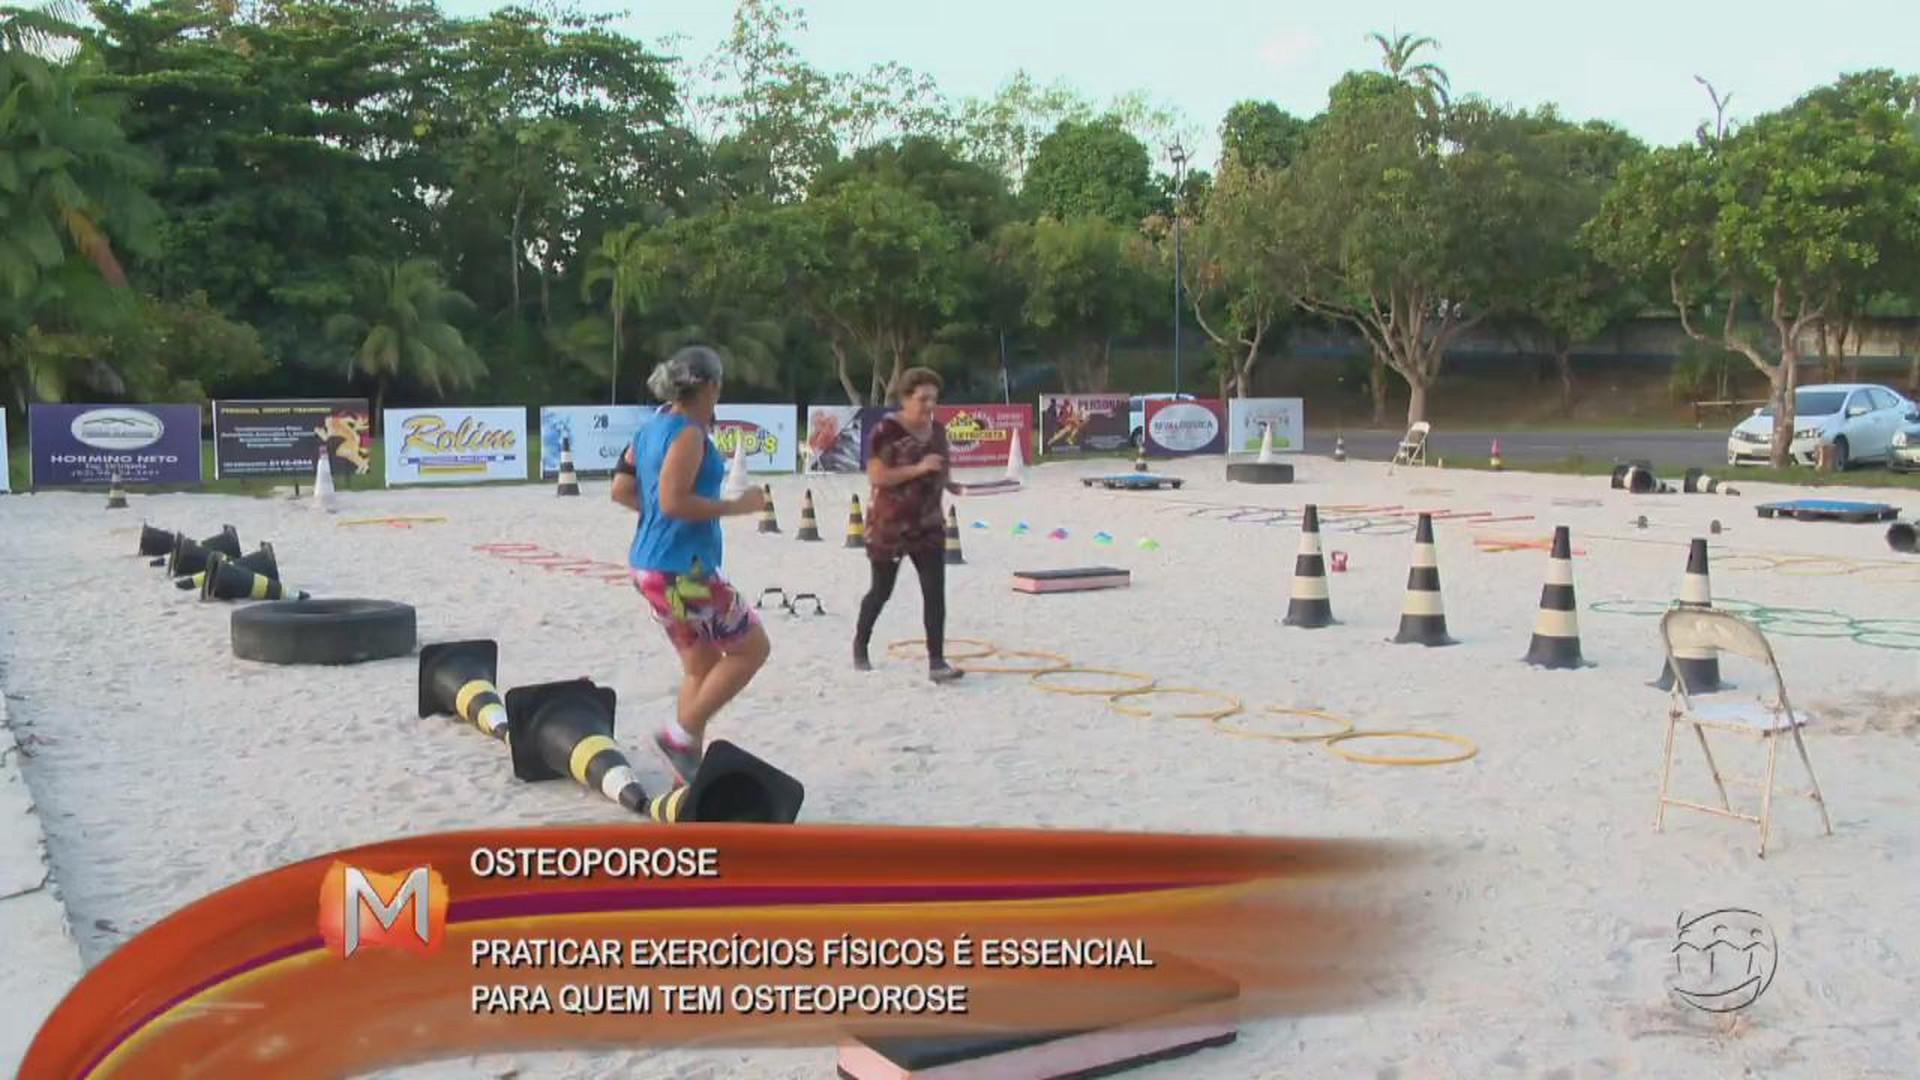 SAÚDE: PRATICAR EXERCÍCIOS FÍSICOS É ESSENCIAL PARA QUEM TEM OSTEOPOROSE - Magazine - 27/06/17